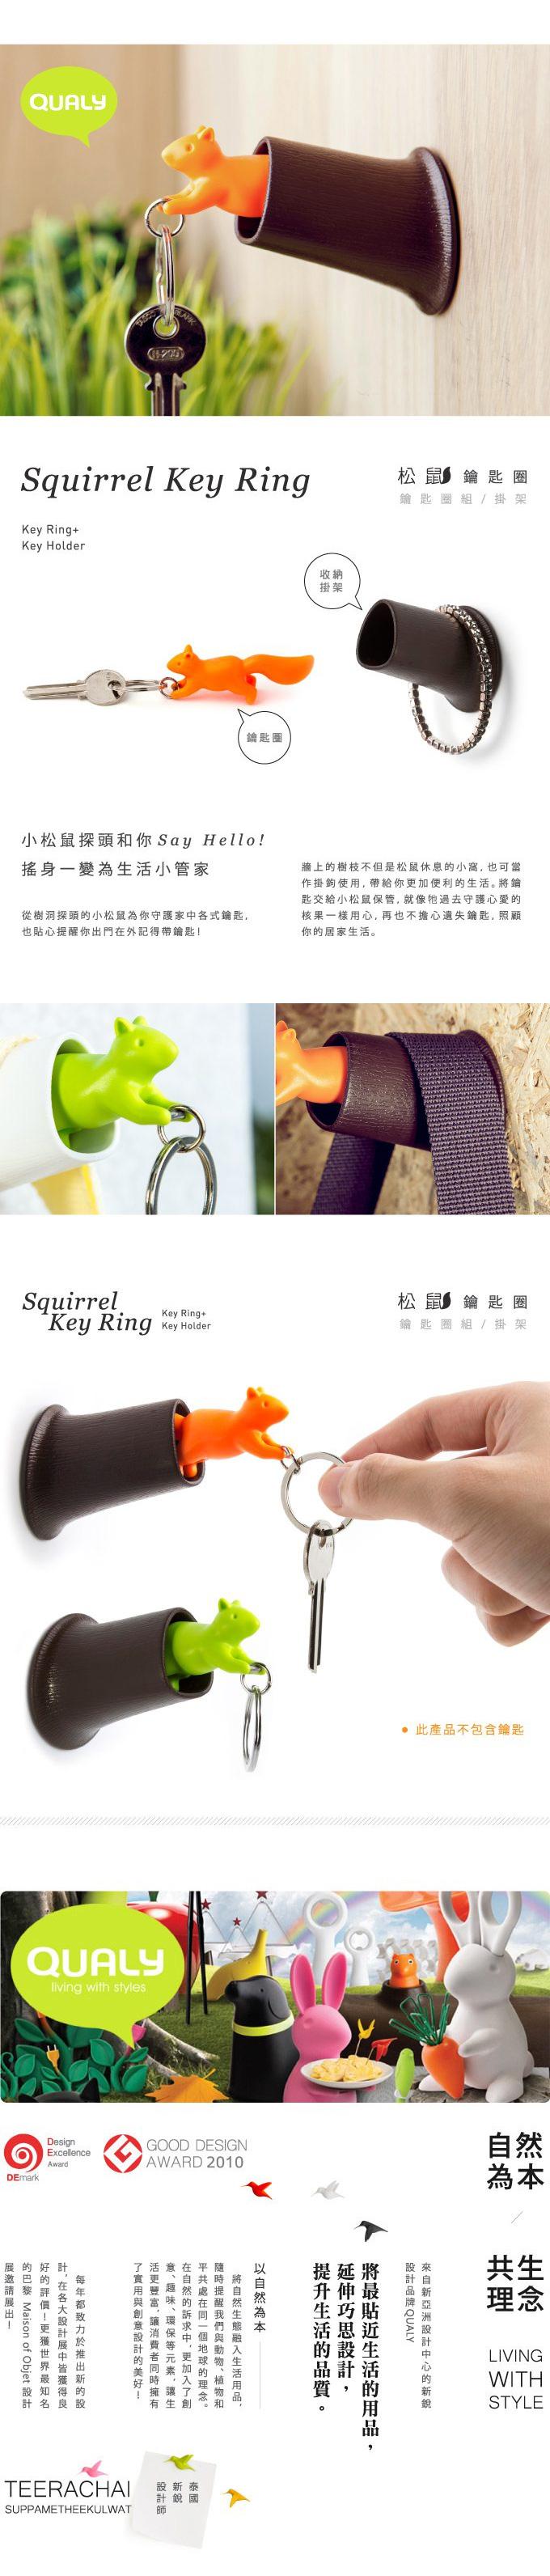 QUALY 松鼠鑰匙圈 橘色